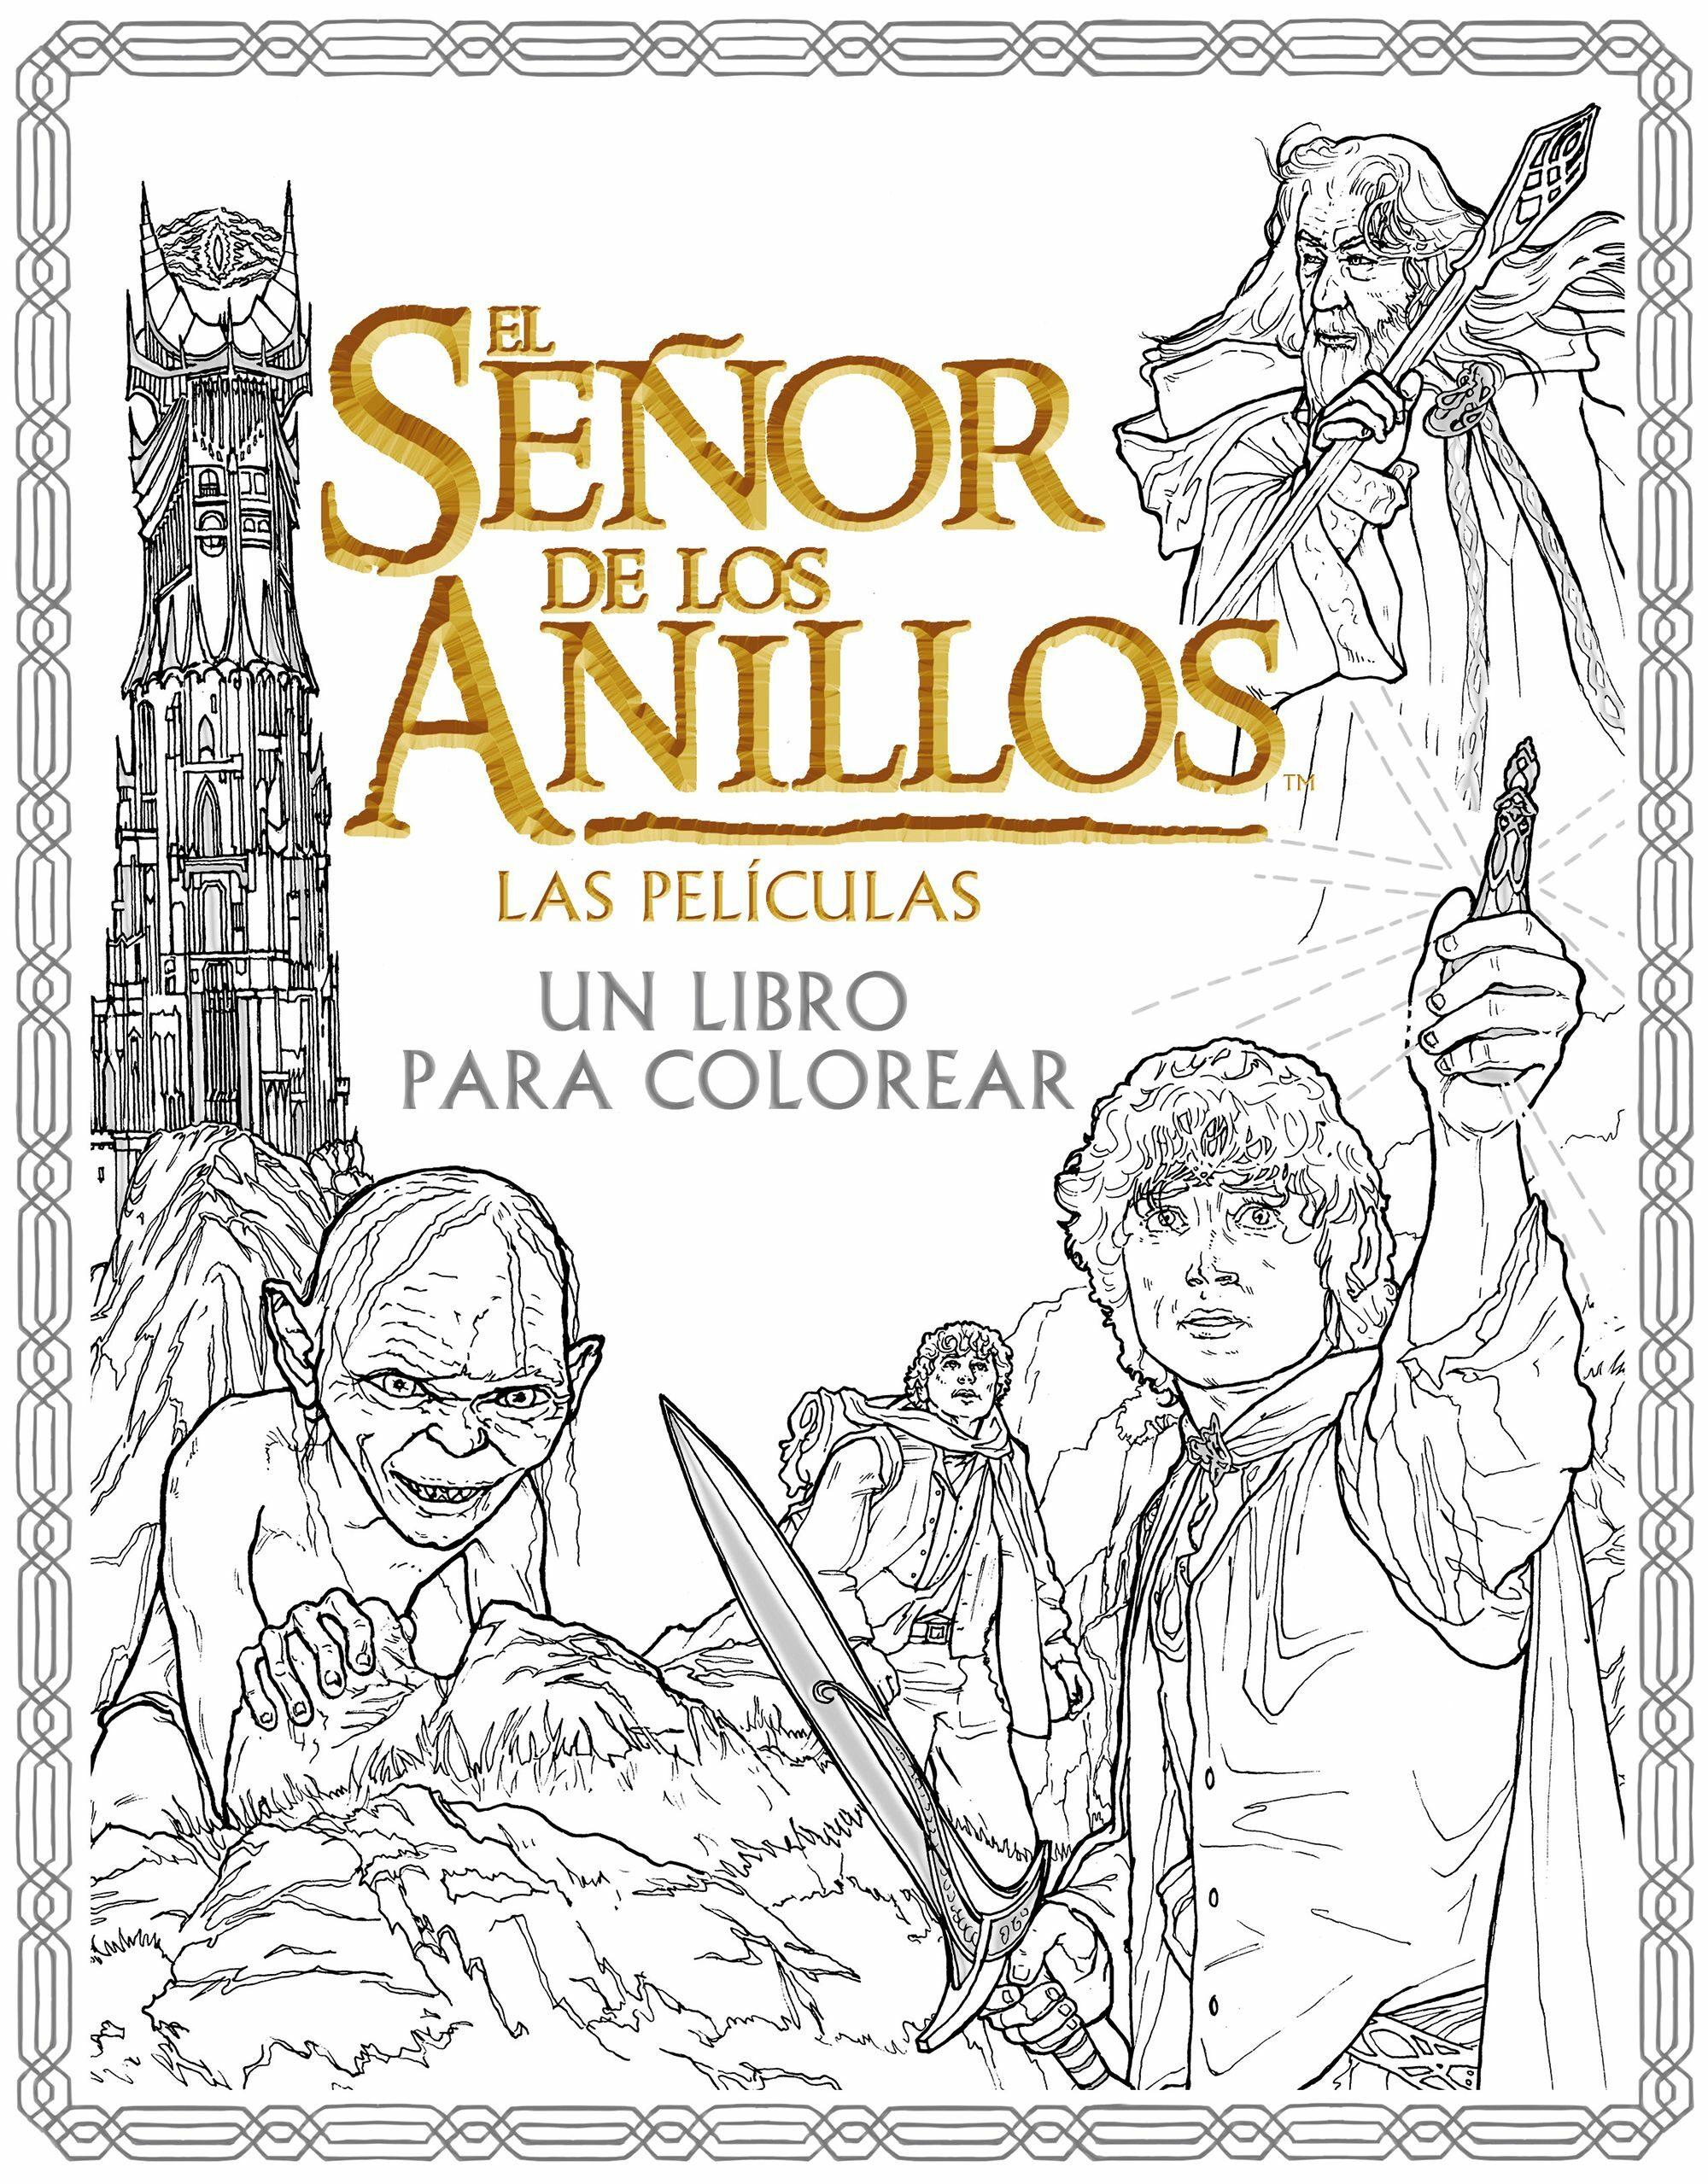 EL SEÑOR DE LOS ANILLOS: LAS PELICULAS. UN LIBRO PARA COLOREAR | VV ...